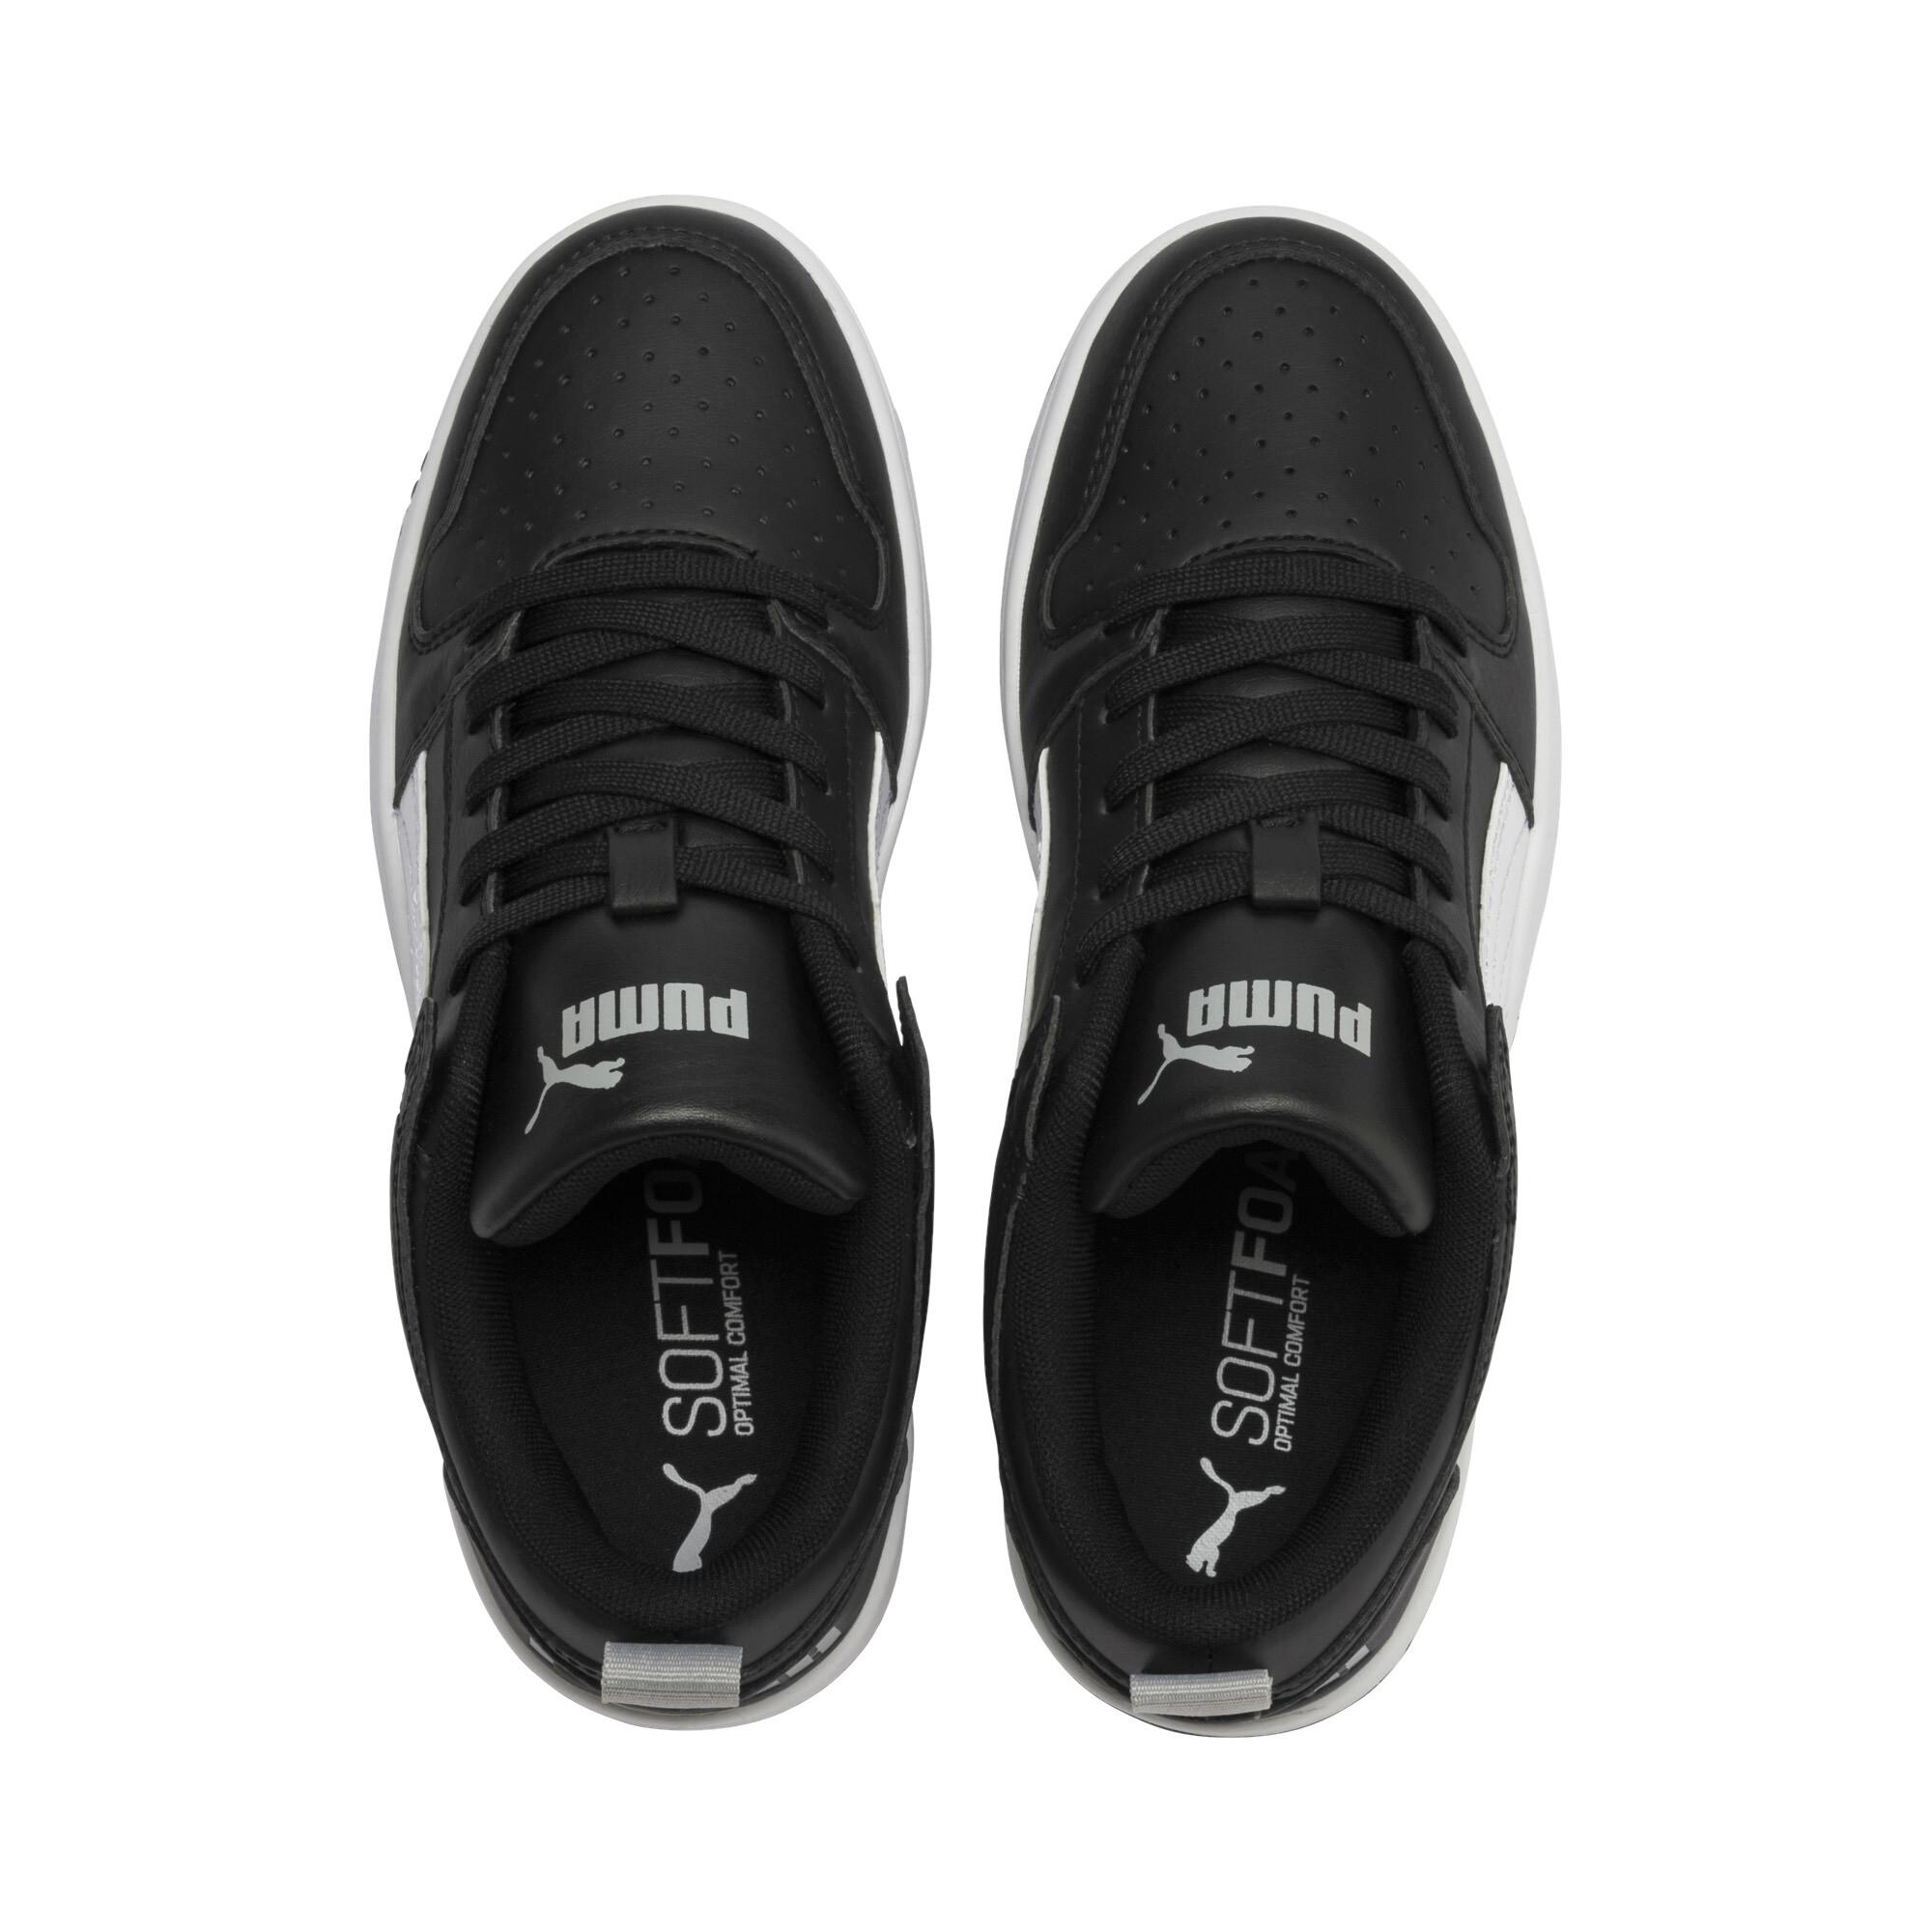 PUMA-PUMA-Rebound-LayUp-Lo-Sneakers-JR-Boys-Shoe-Kids thumbnail 19